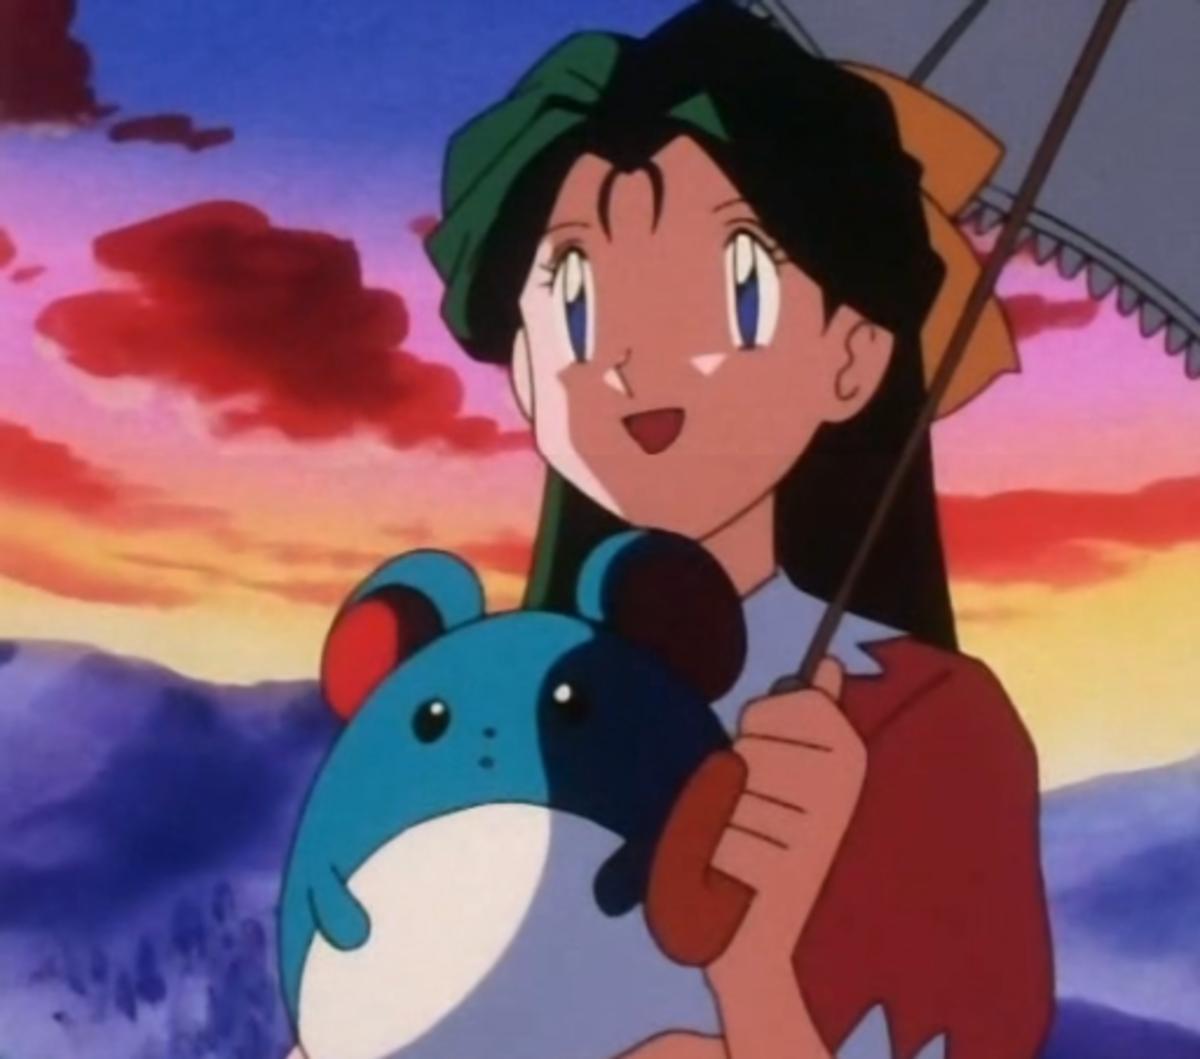 Wilhomena in Pokemon